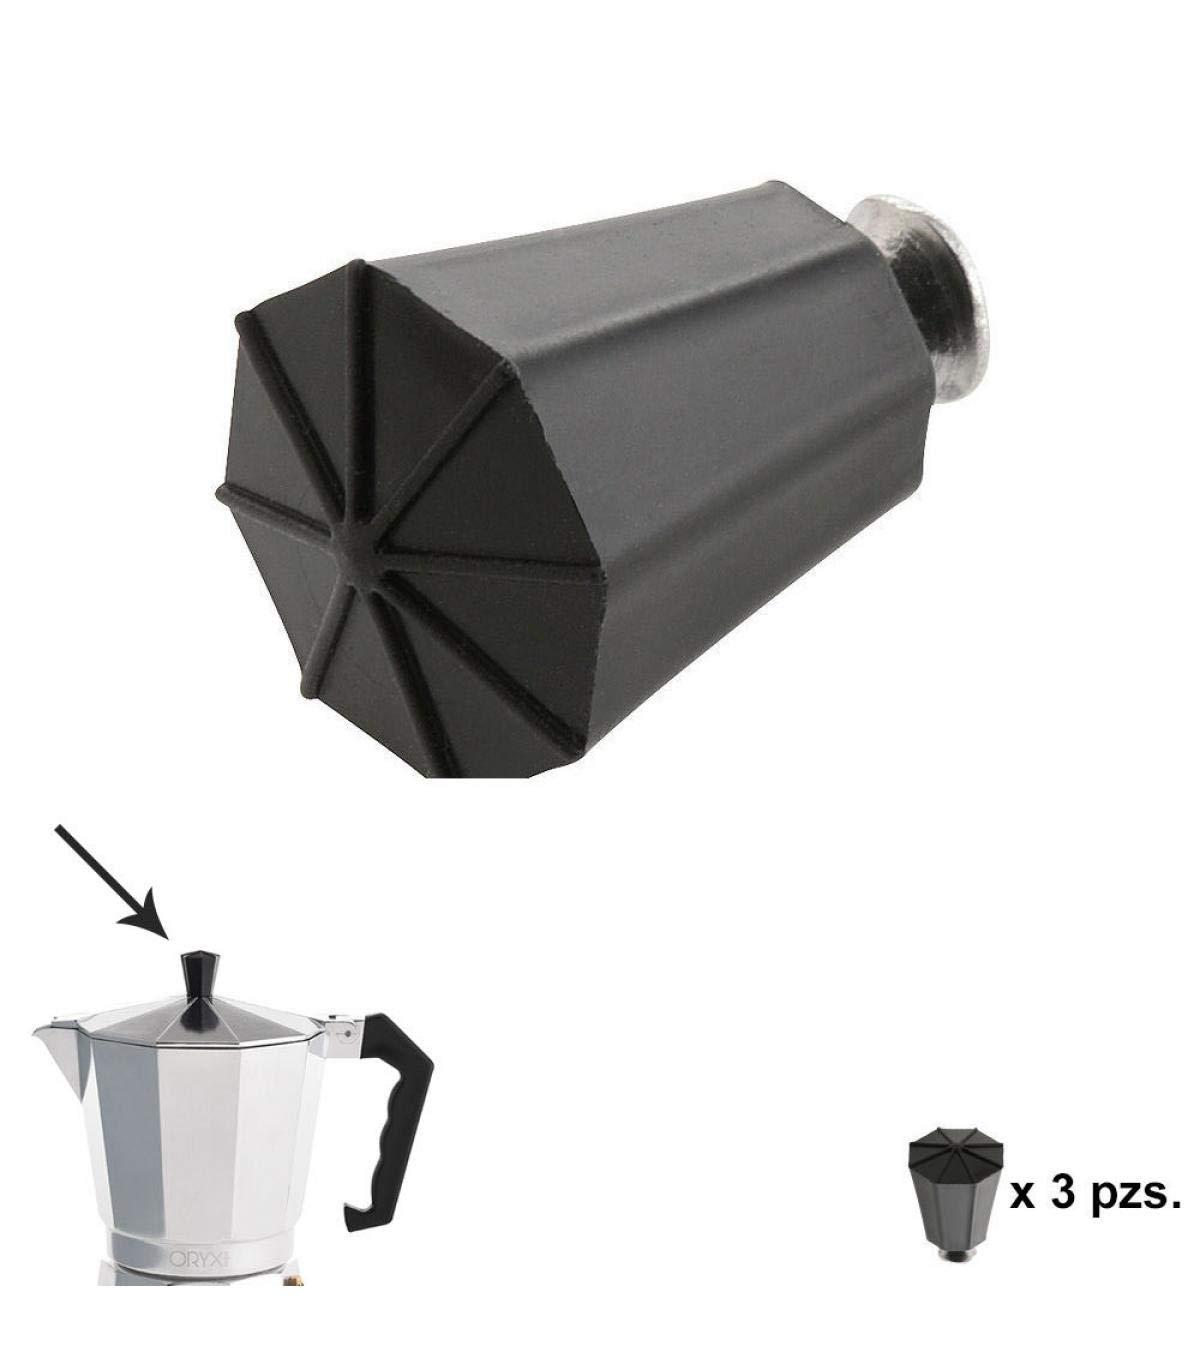 ORYX Pomo Cafetera 2/3 / 6/9 y 12 Tazas, Negro, 10x10x4 cm, 3 ...